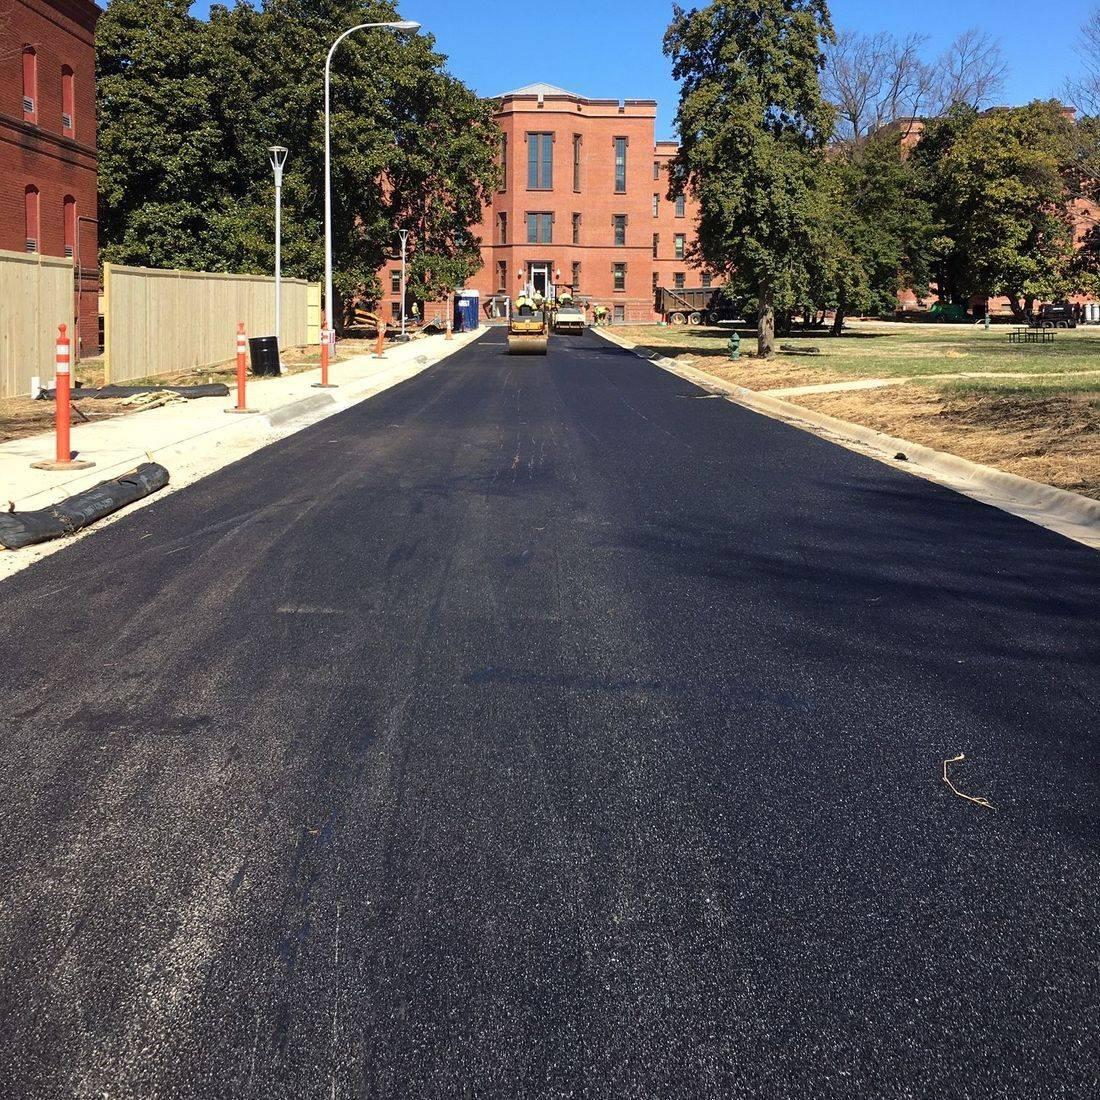 finished asphalt roadway on campus